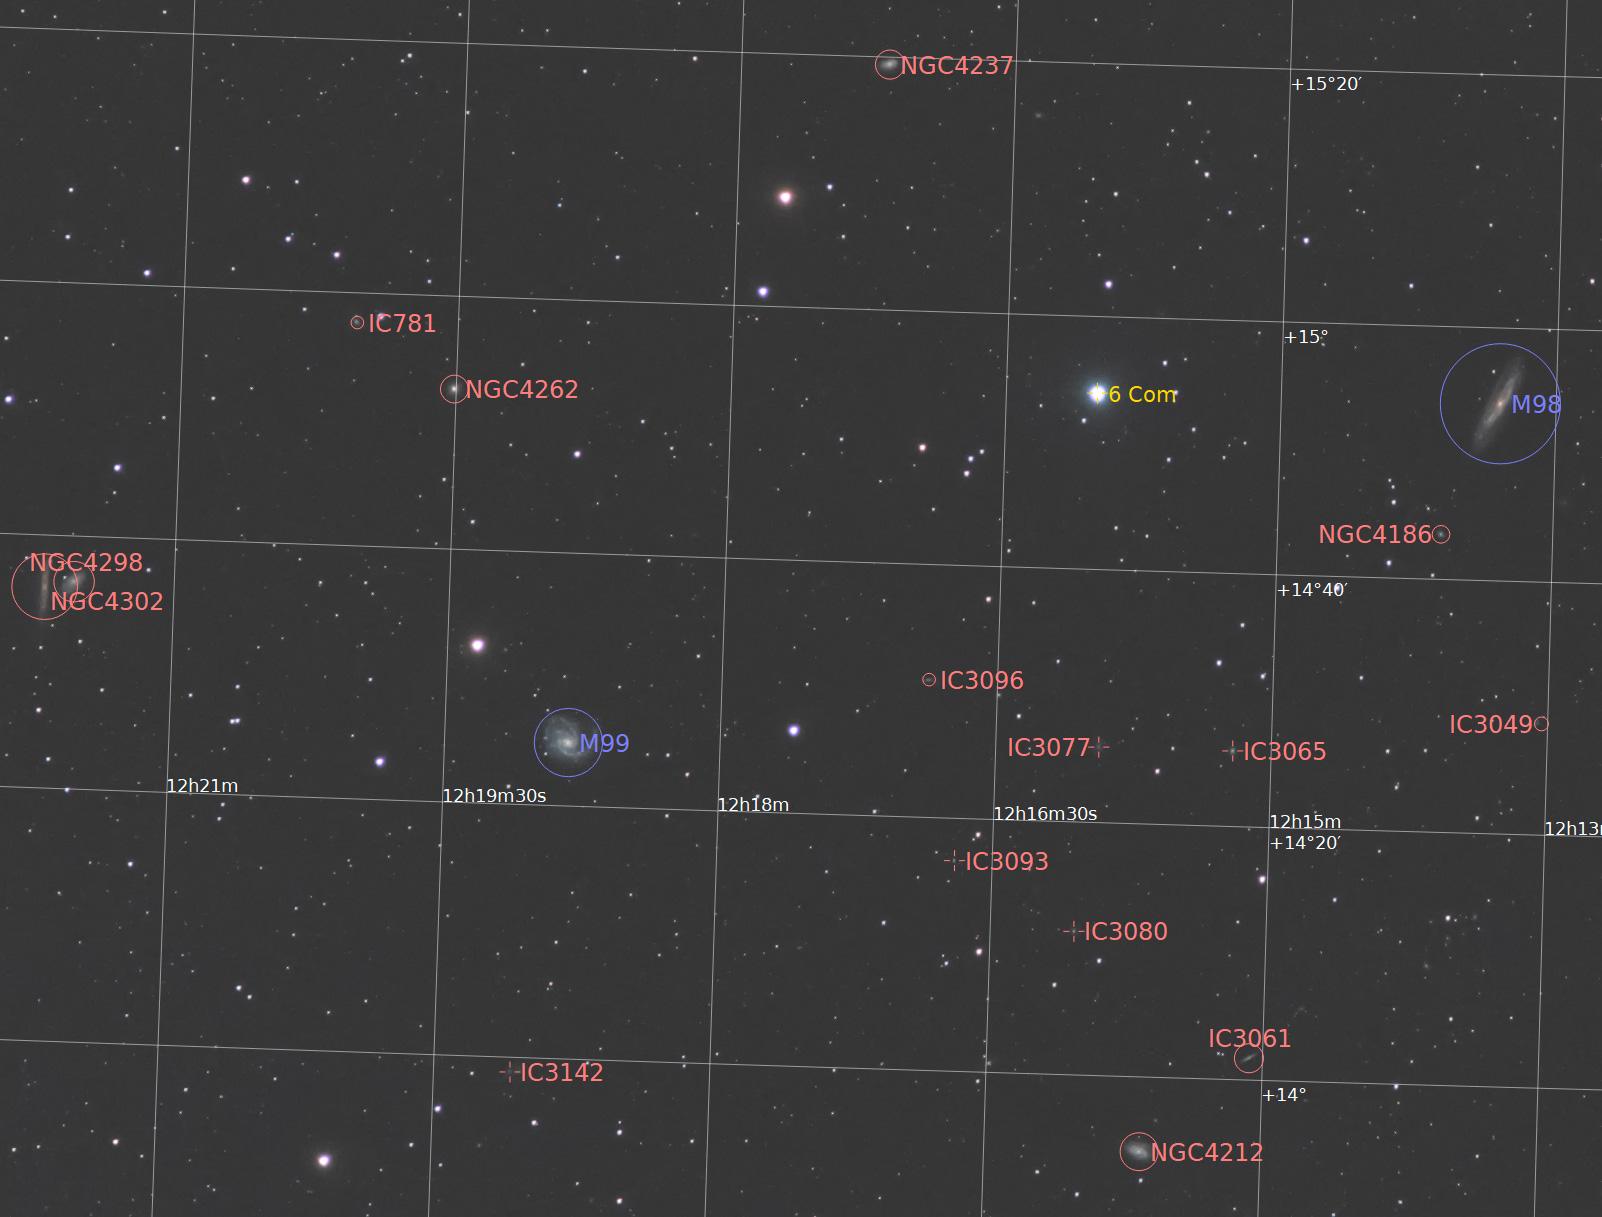 かみのけ座 M98・M99付近の系外銀河